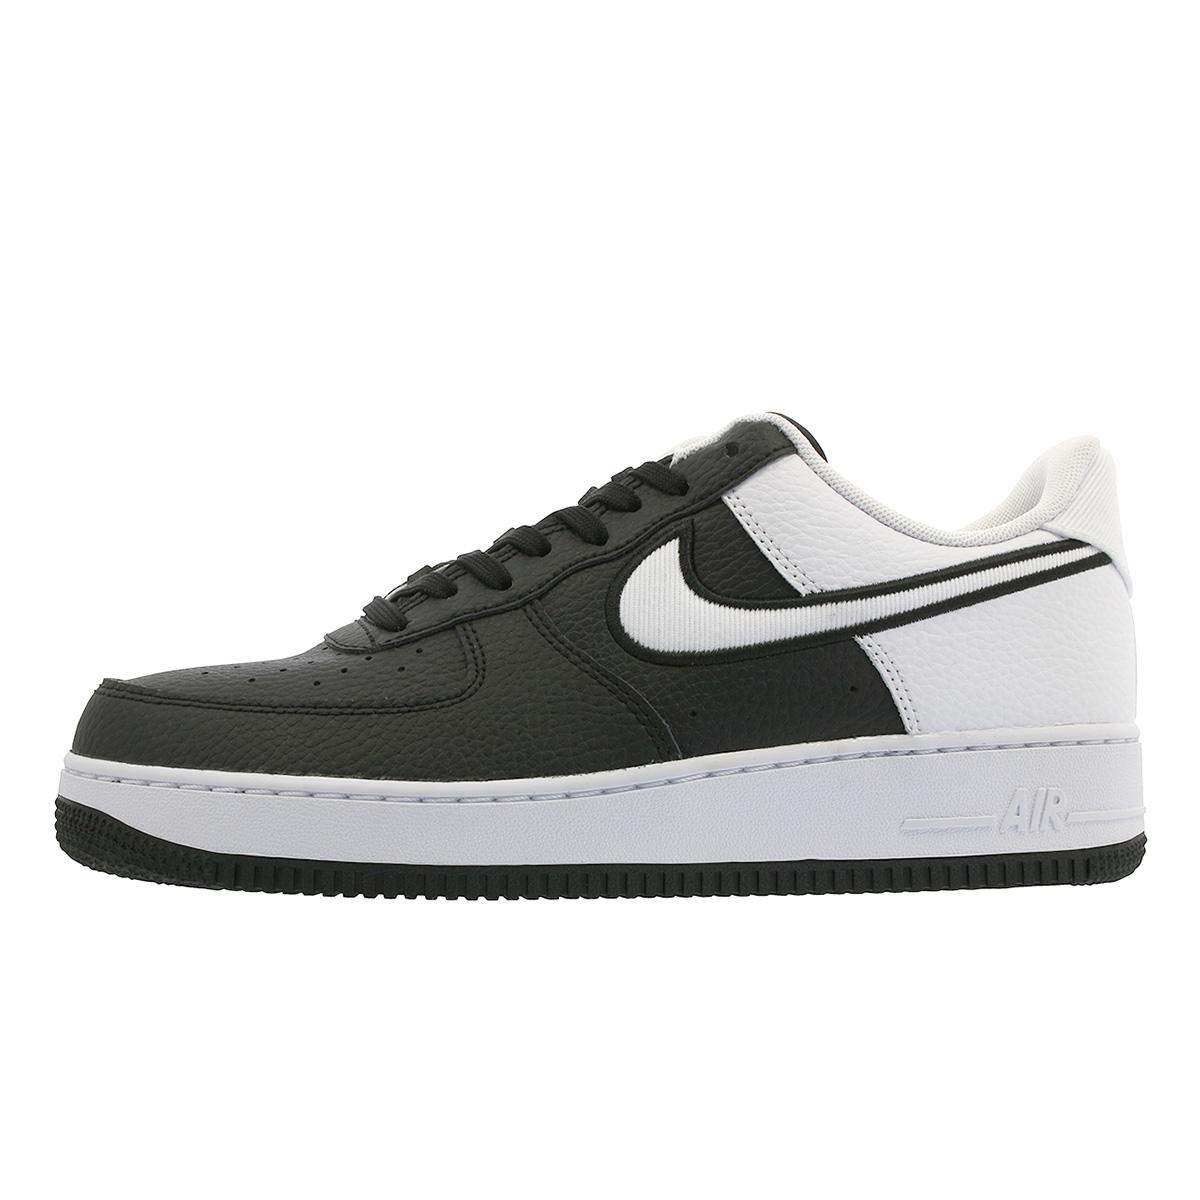 Select Shop Lowtex Nike Air Force 1 07 Lv8 1 Nike Air